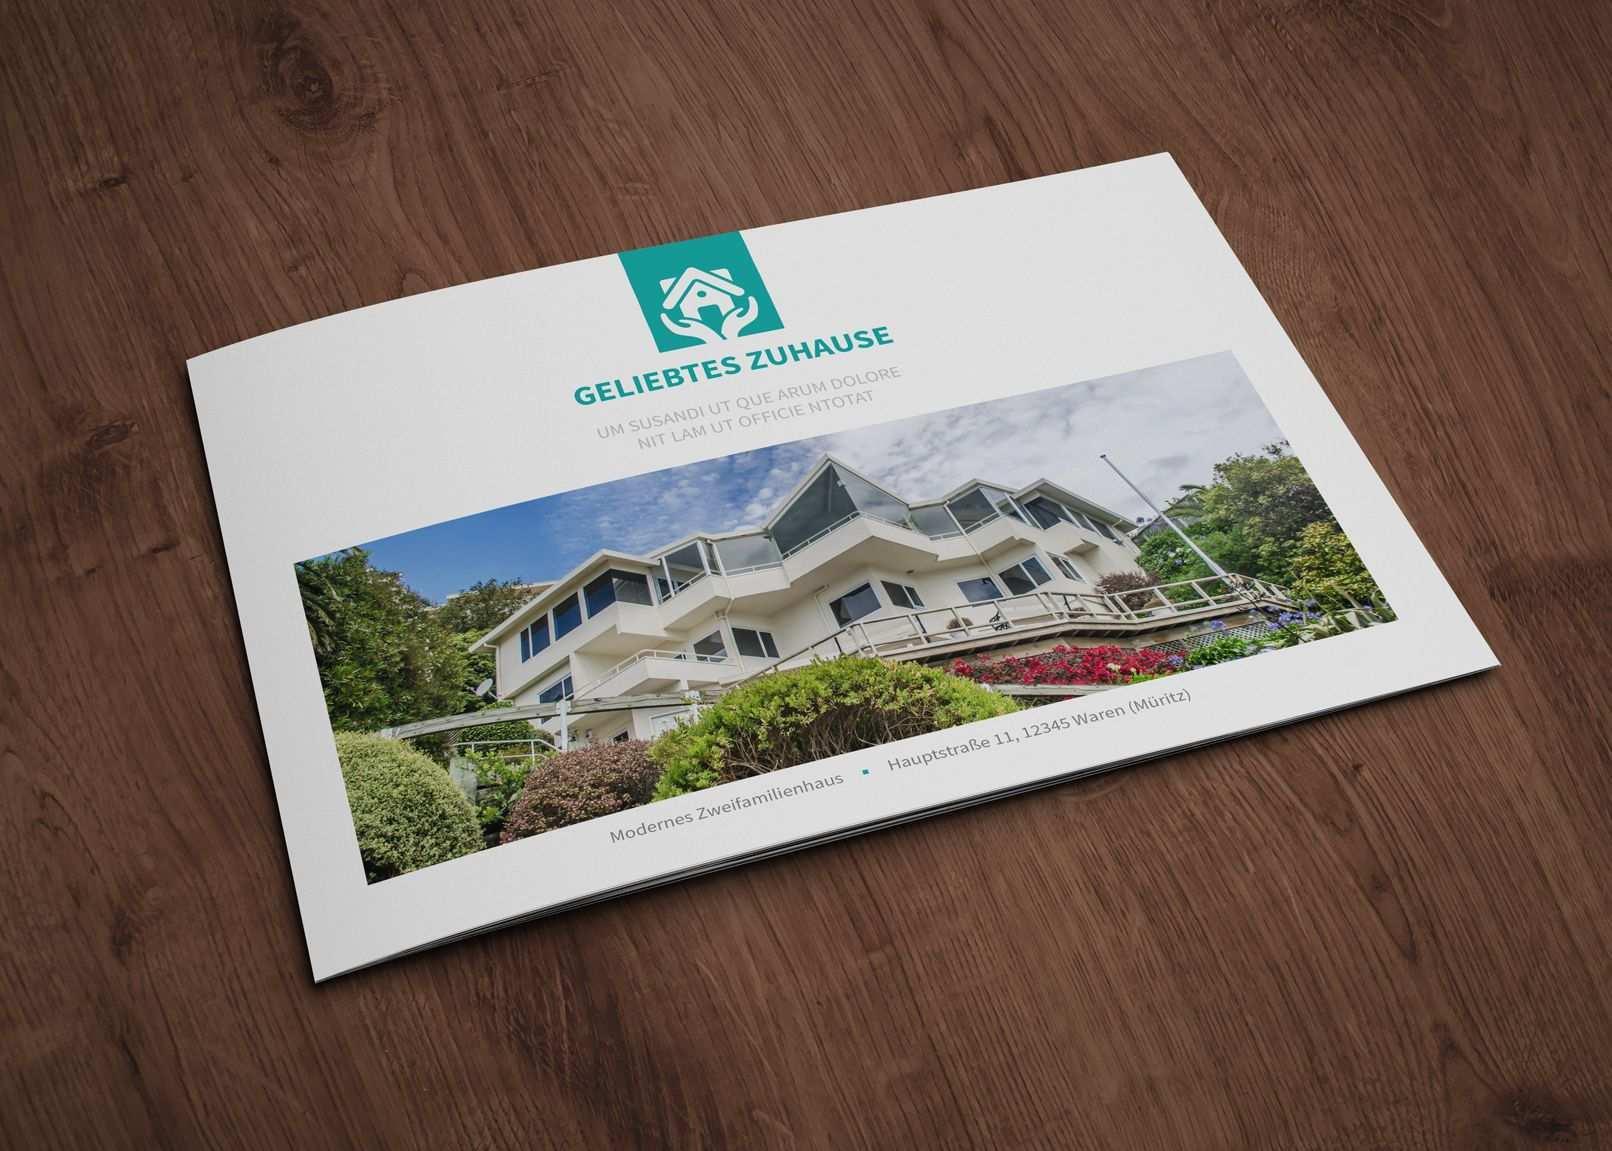 Expose Vorlagen Fur Immobilien Hauser Word Indesign Corel Powerpoint Expose Immobilien Immobilien Vorlagen Word